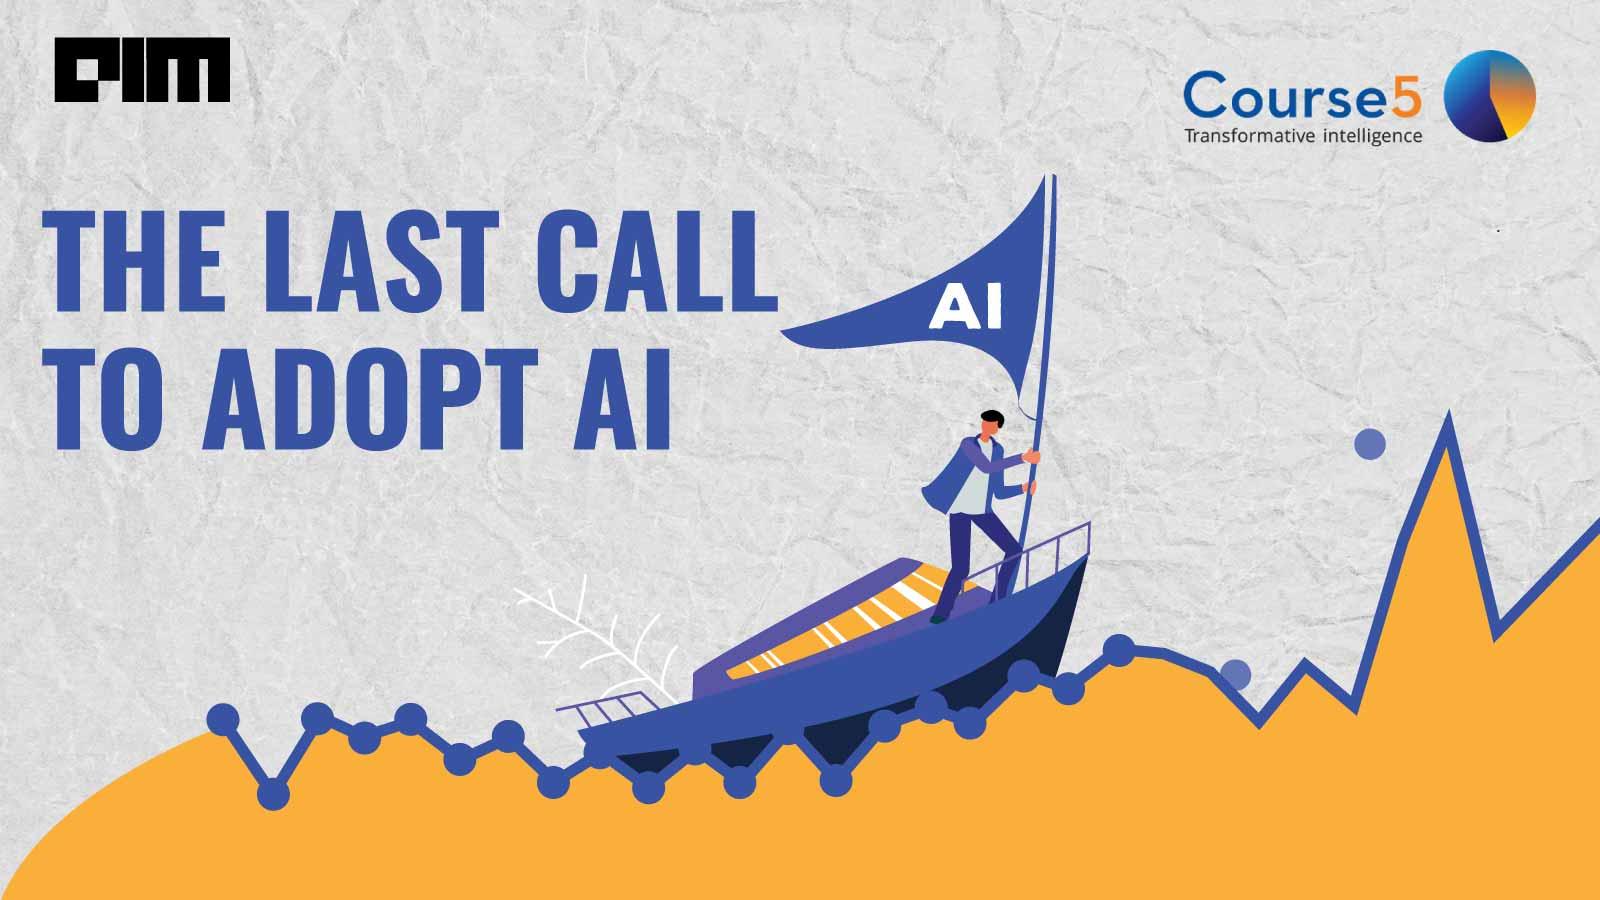 The Last Call to Adopt AI - Analytics India Magazine